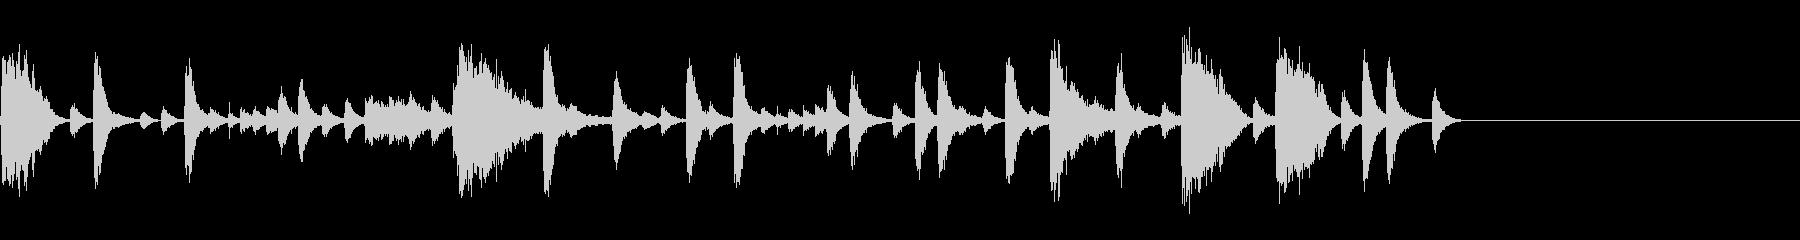 生ドラム_4小節ハイハットワークの未再生の波形